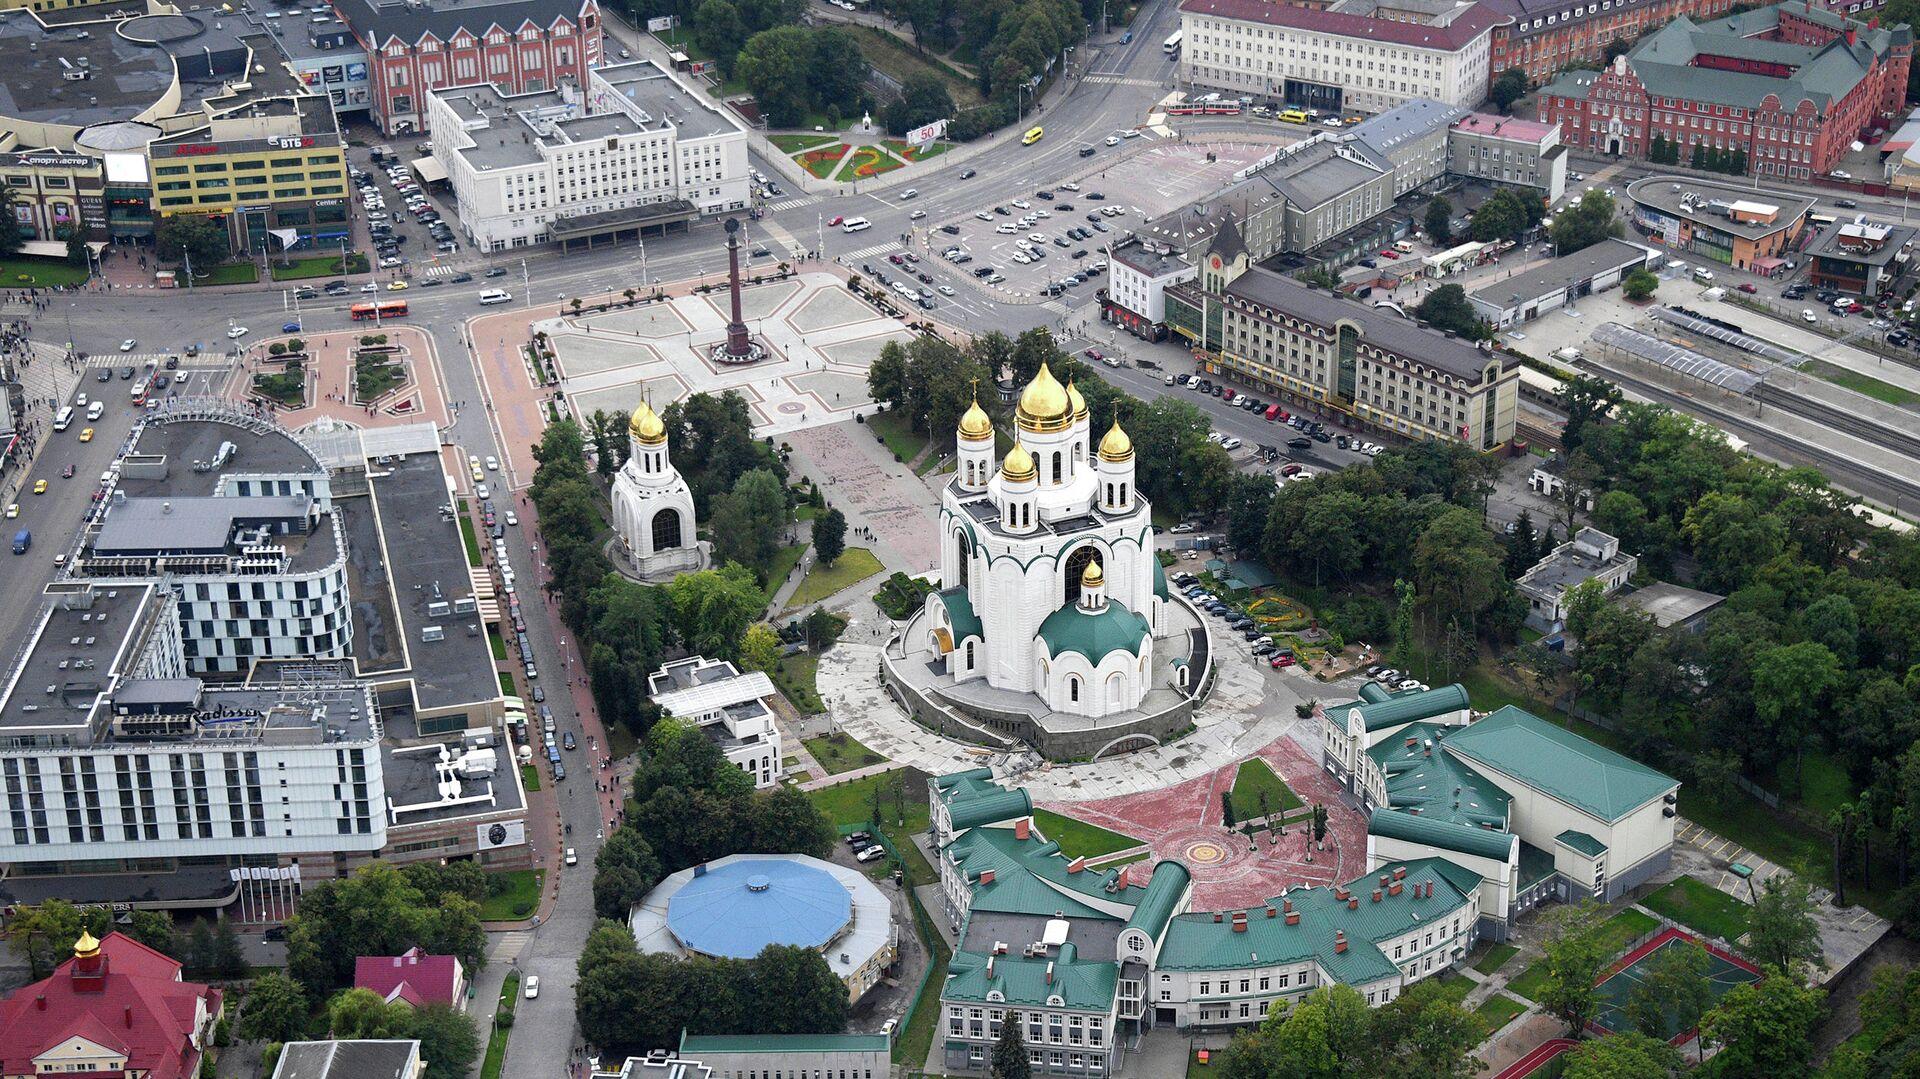 Вид с борта вертолета на кафедральный собор Христа Спасителя и площадь Победы в Калининграде - РИА Новости, 1920, 11.05.2021